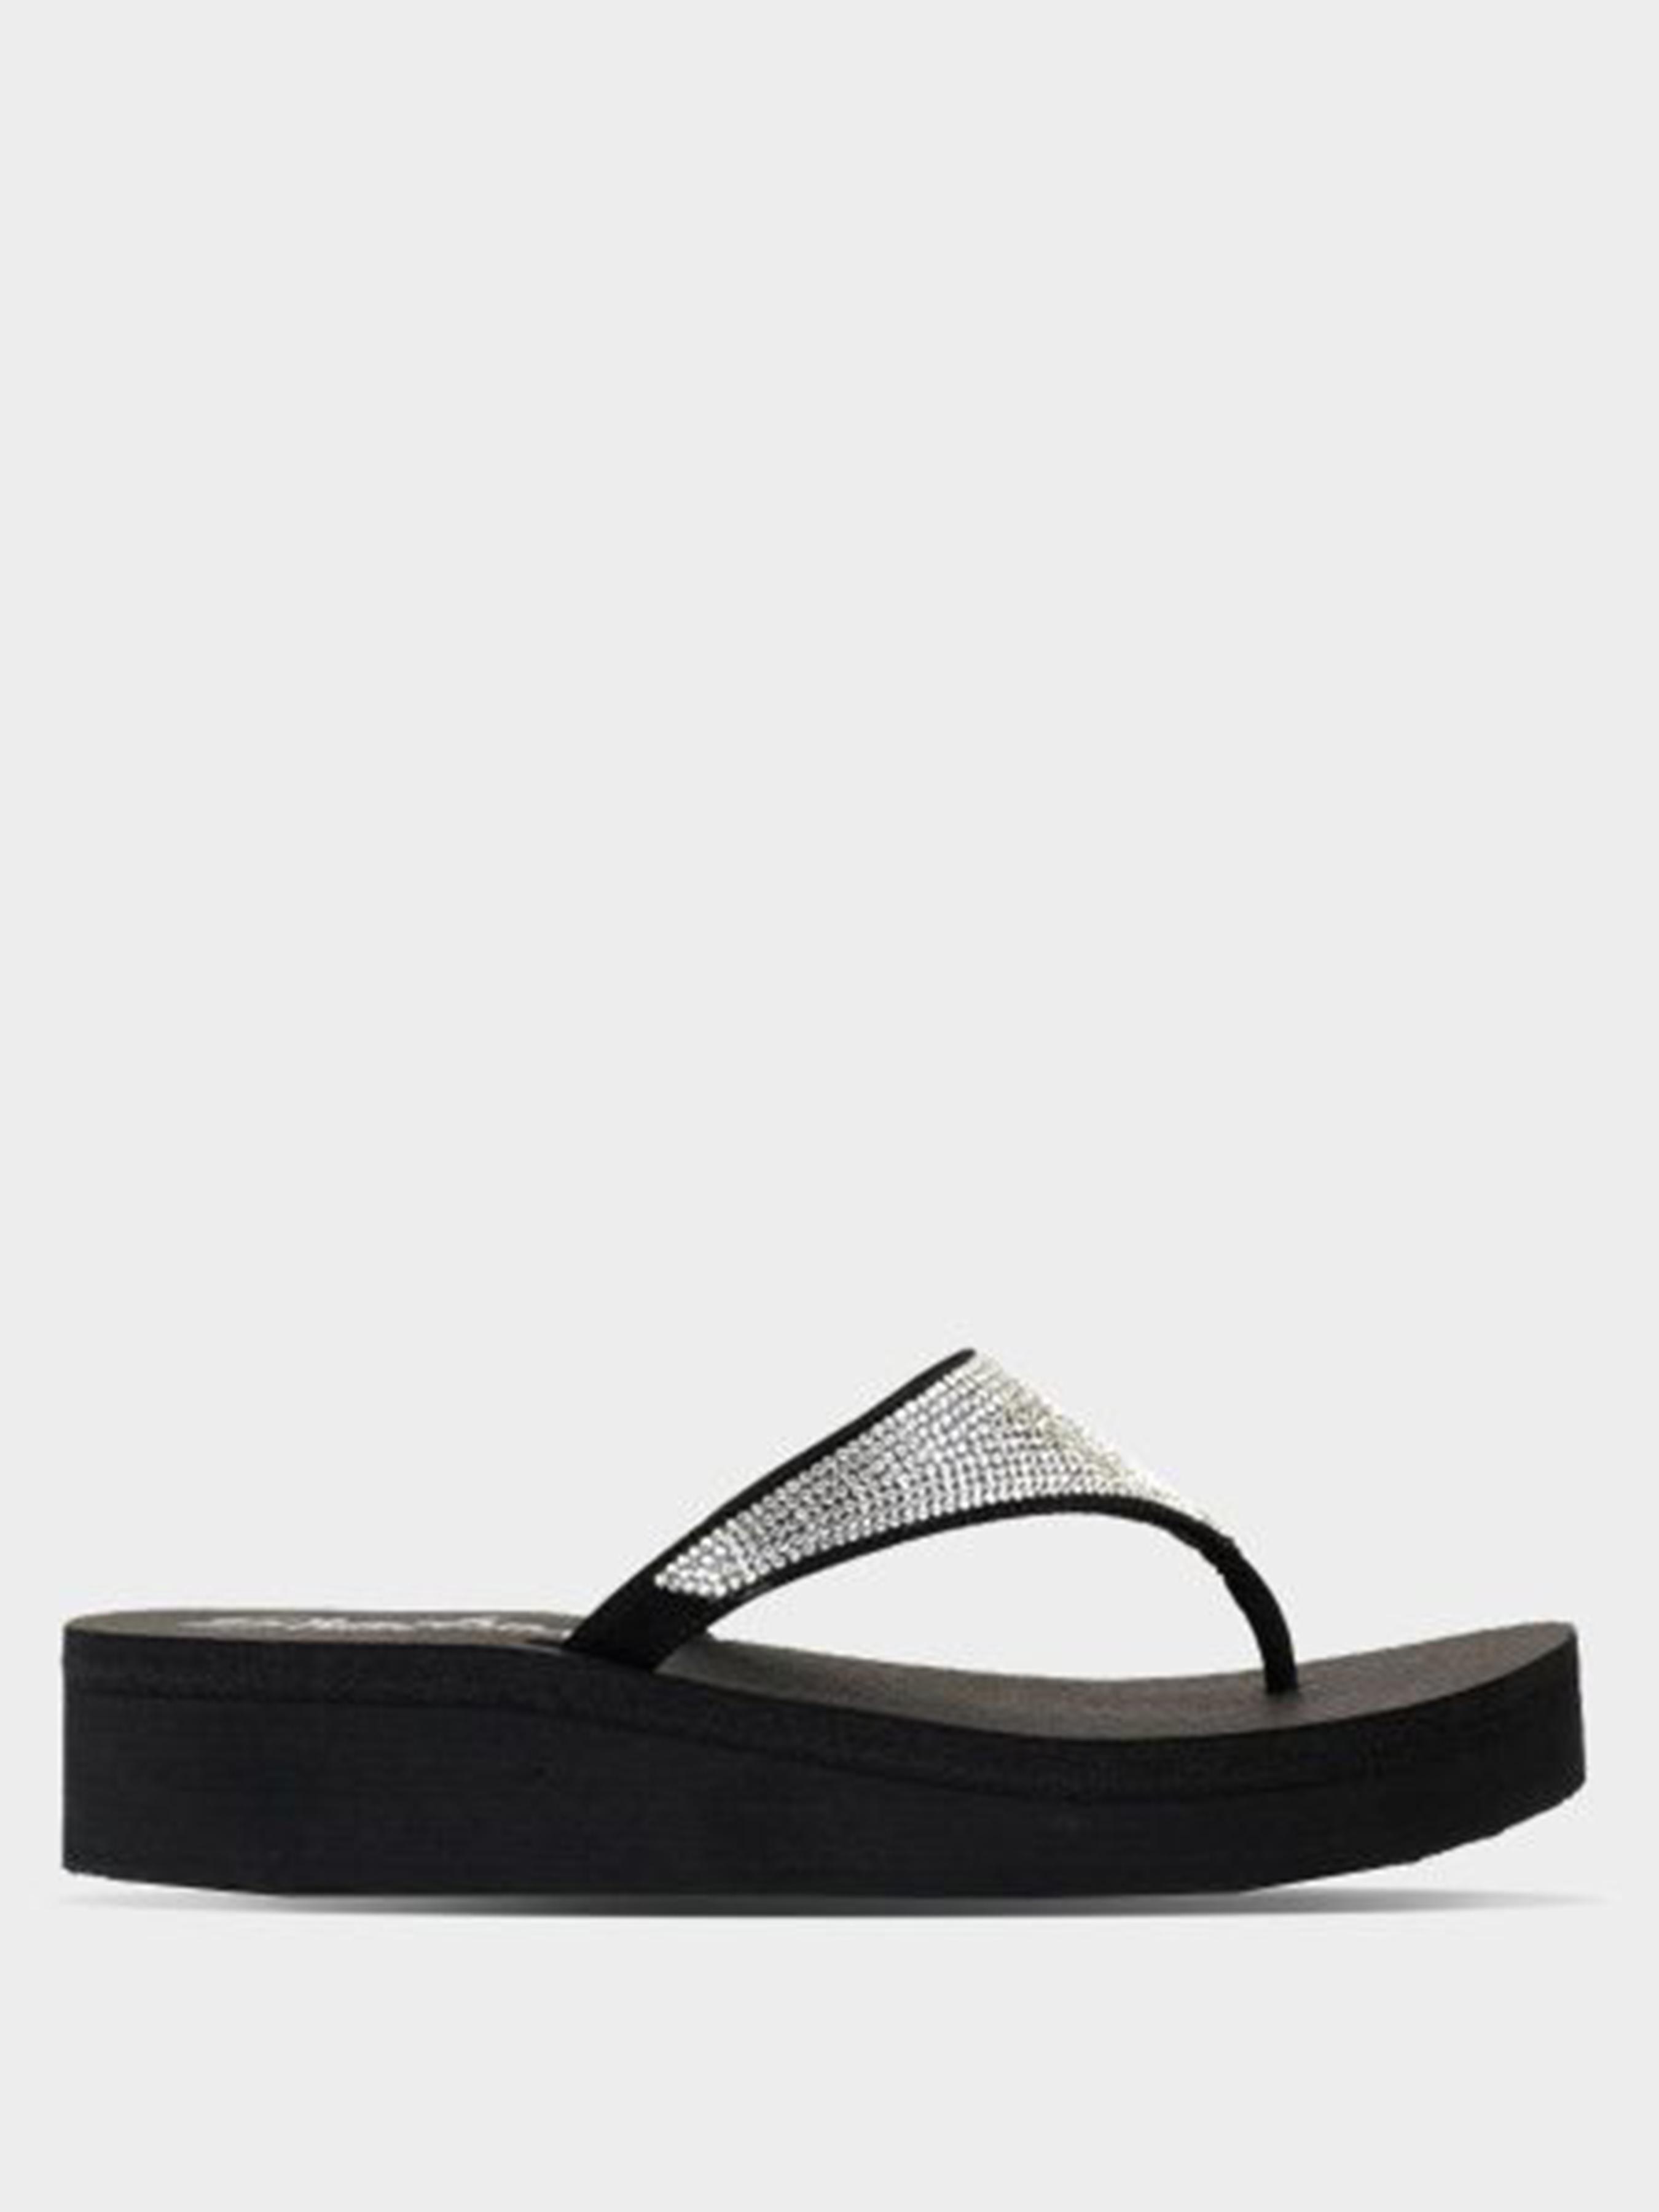 Купить Вьетнамки женские Skechers KW3882, Черный